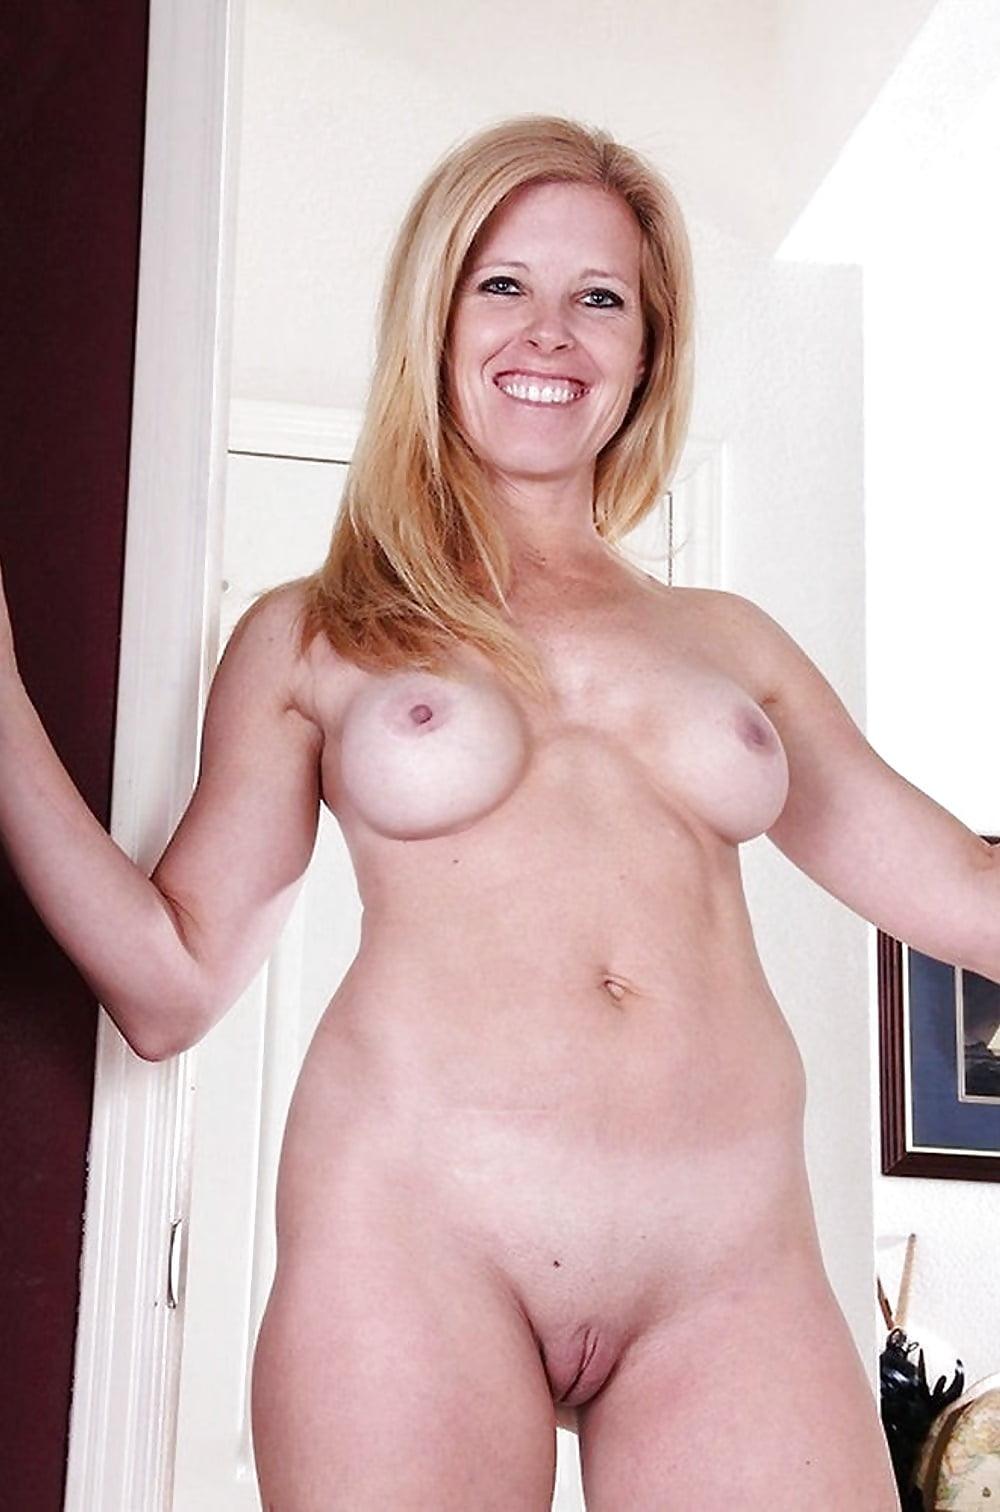 bad-amiture-nudes